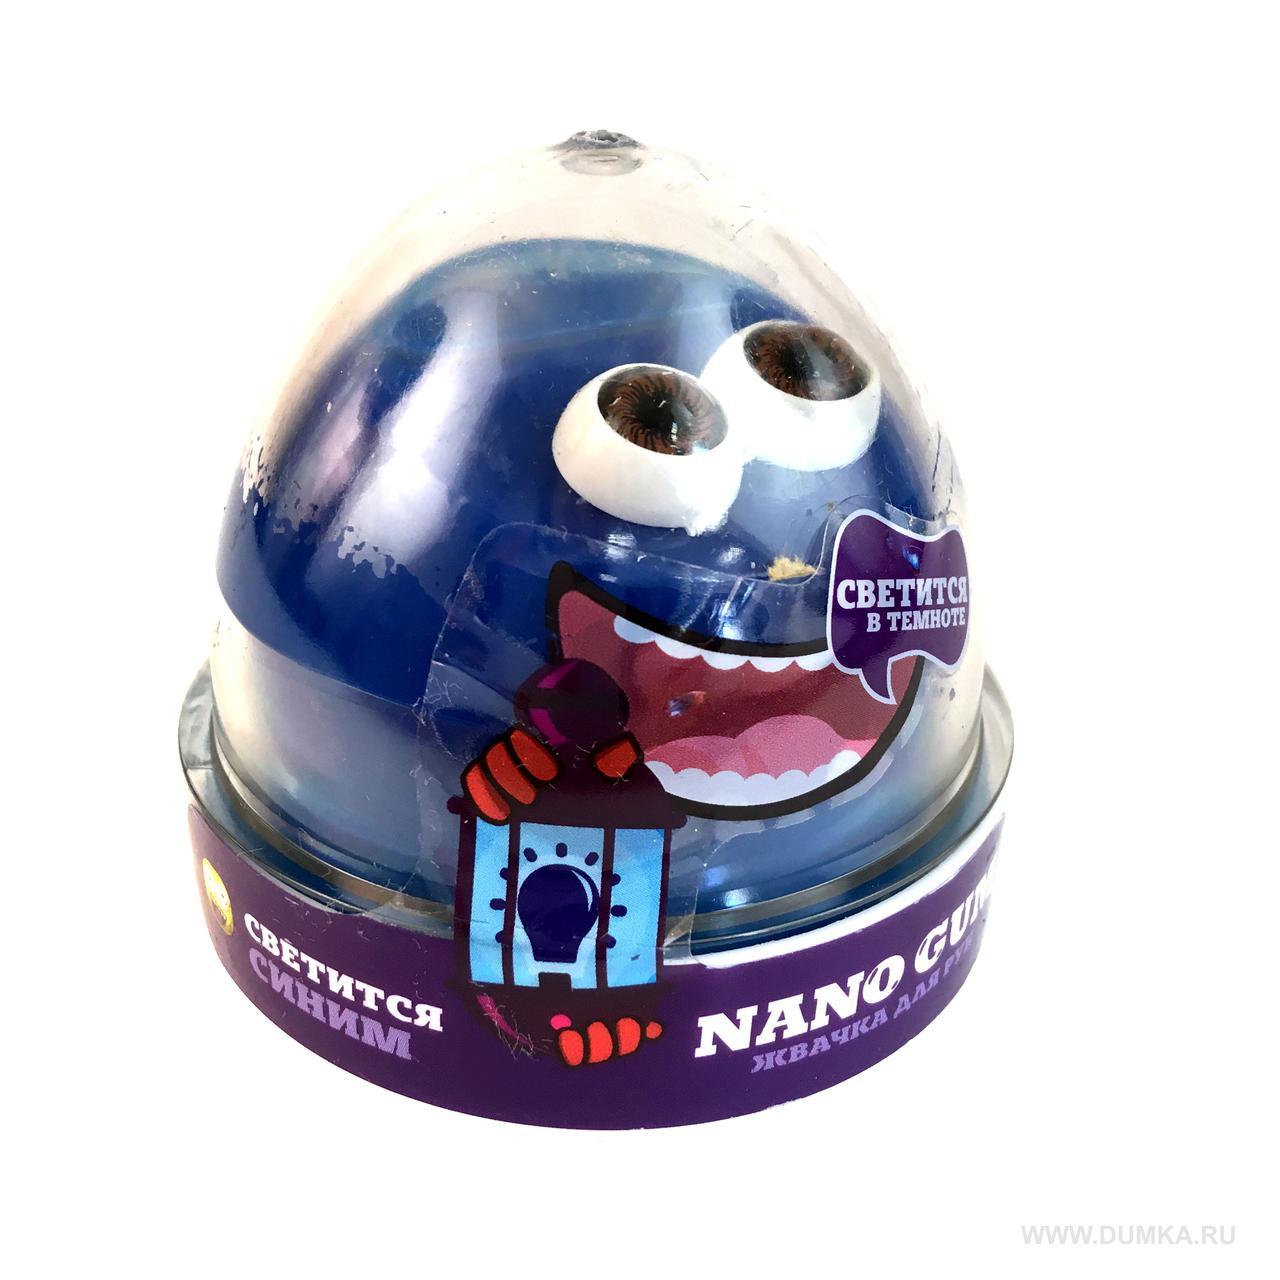 Жвачка для рук NanoGum - Светится в темноте Синим, 50 гр.